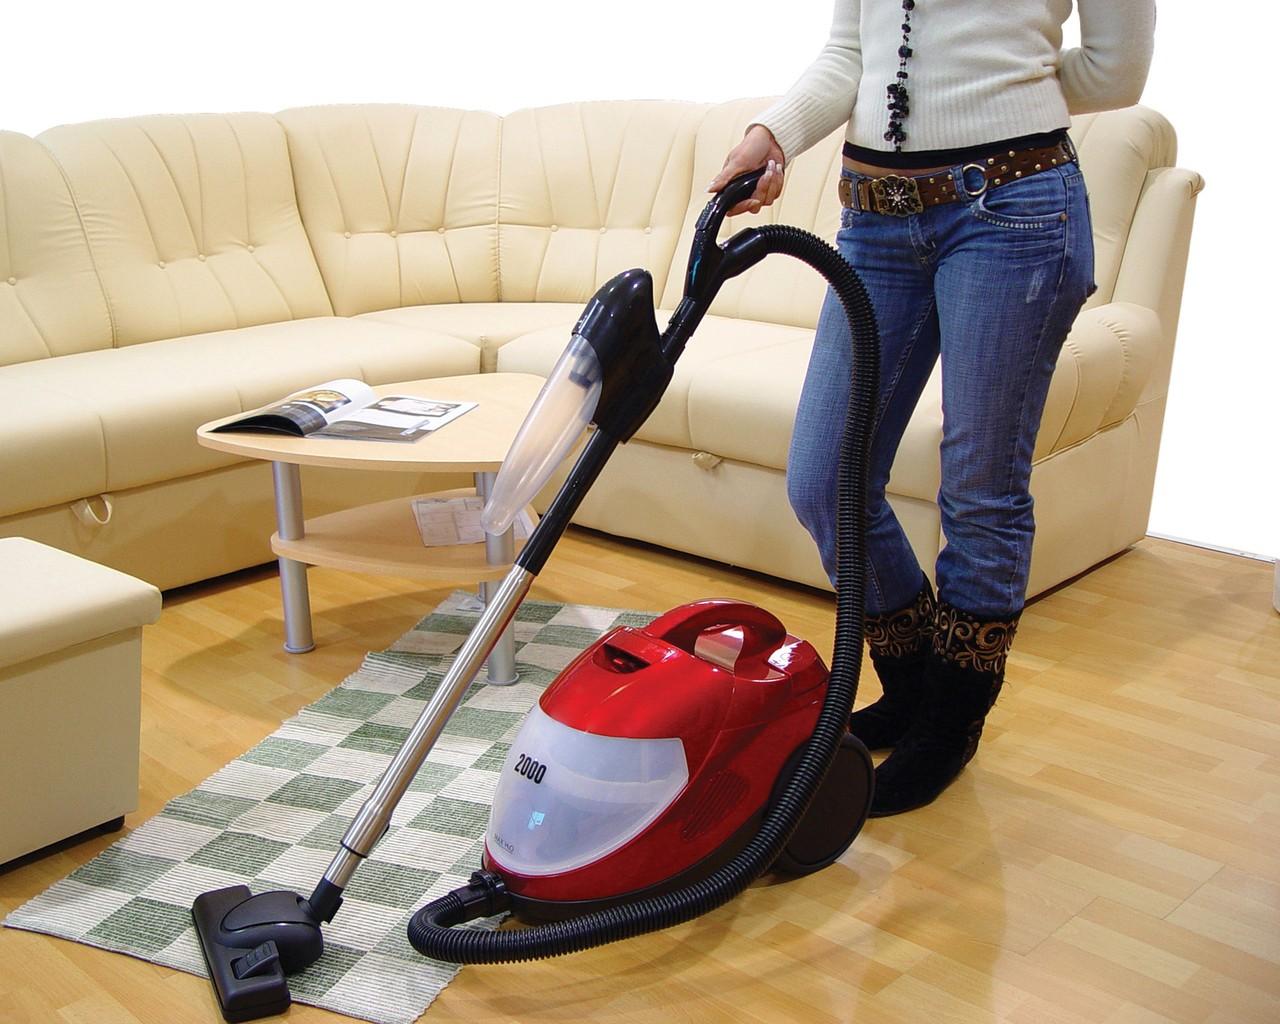 Przed świętami wiele osób szuka pomocy do sprzątania